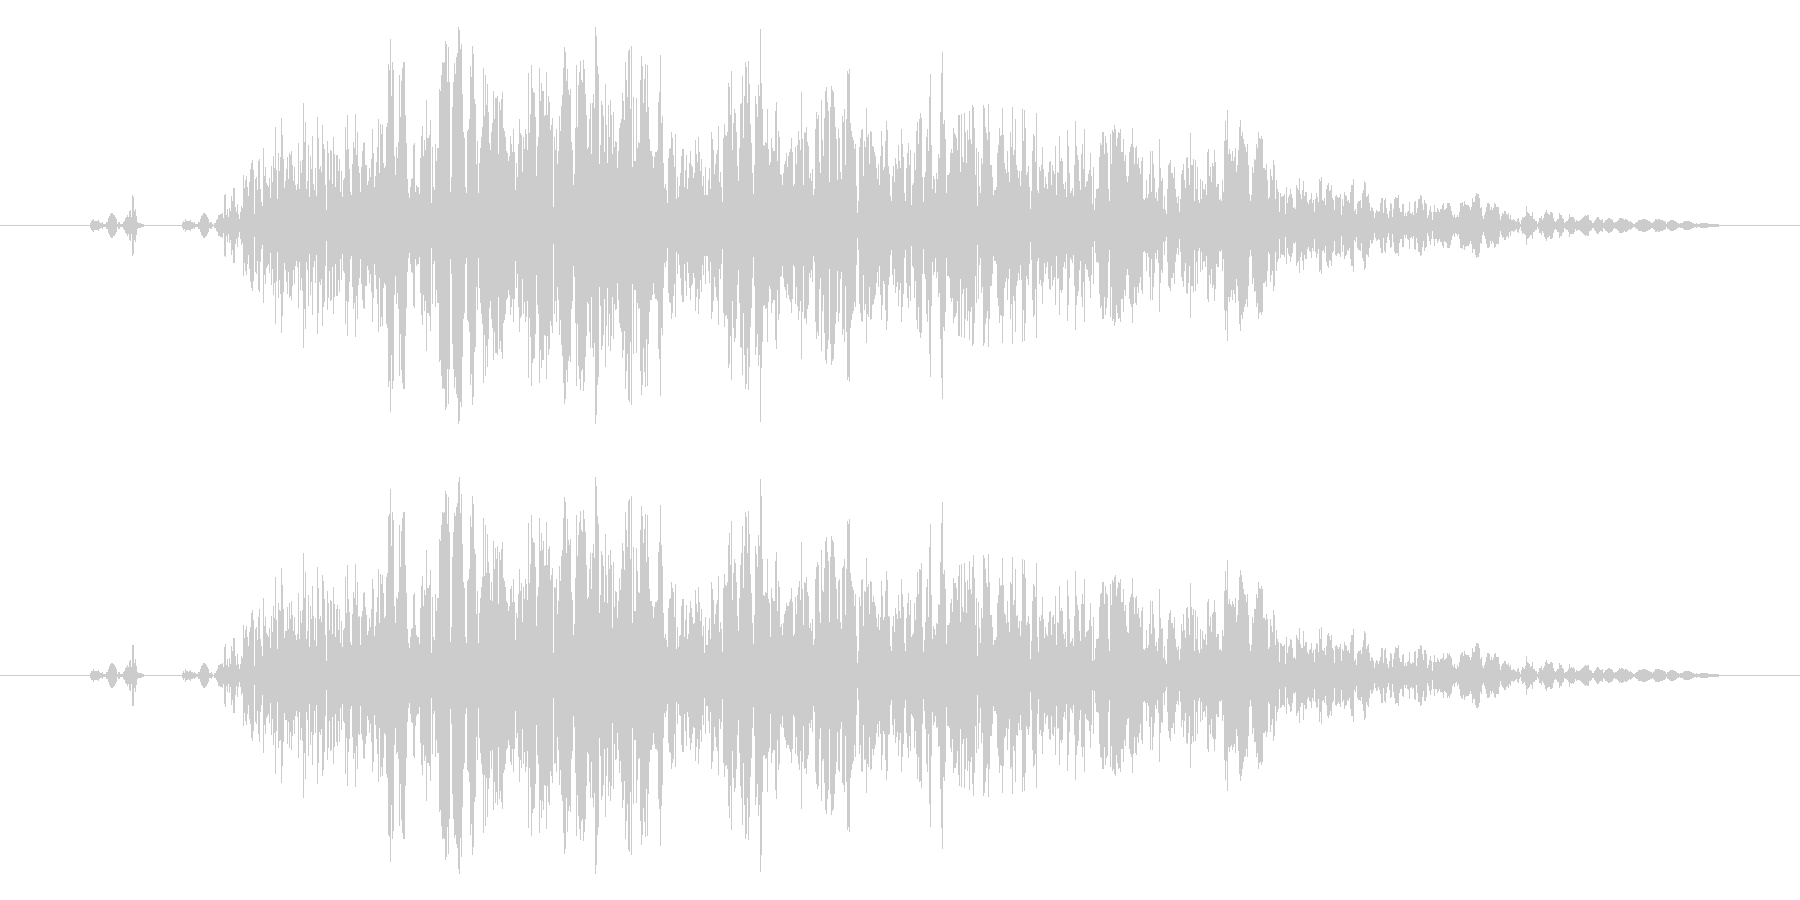 【打撃音14】パンチやキックに最適です!の未再生の波形